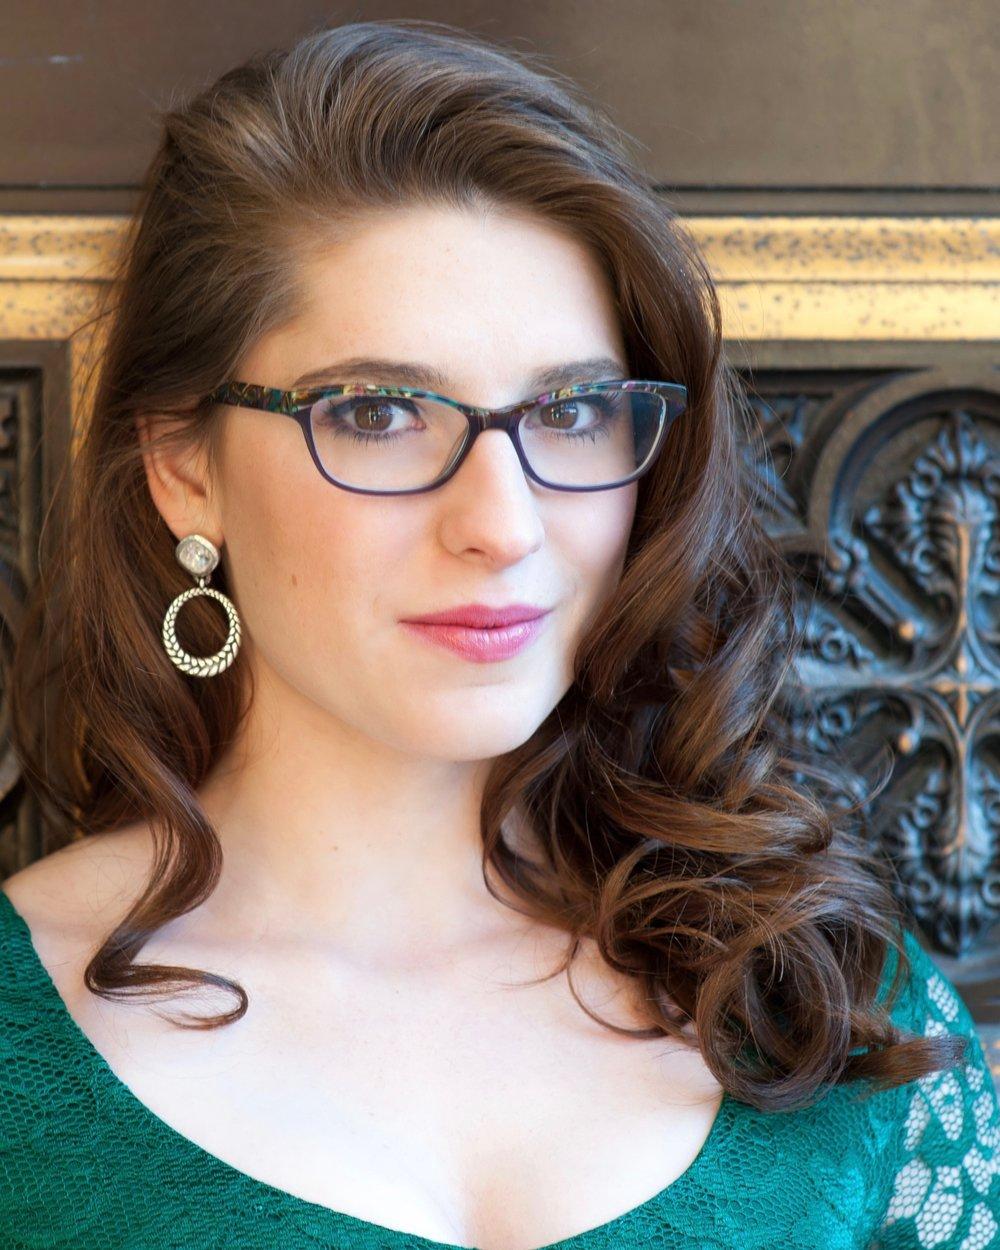 Nora Ali